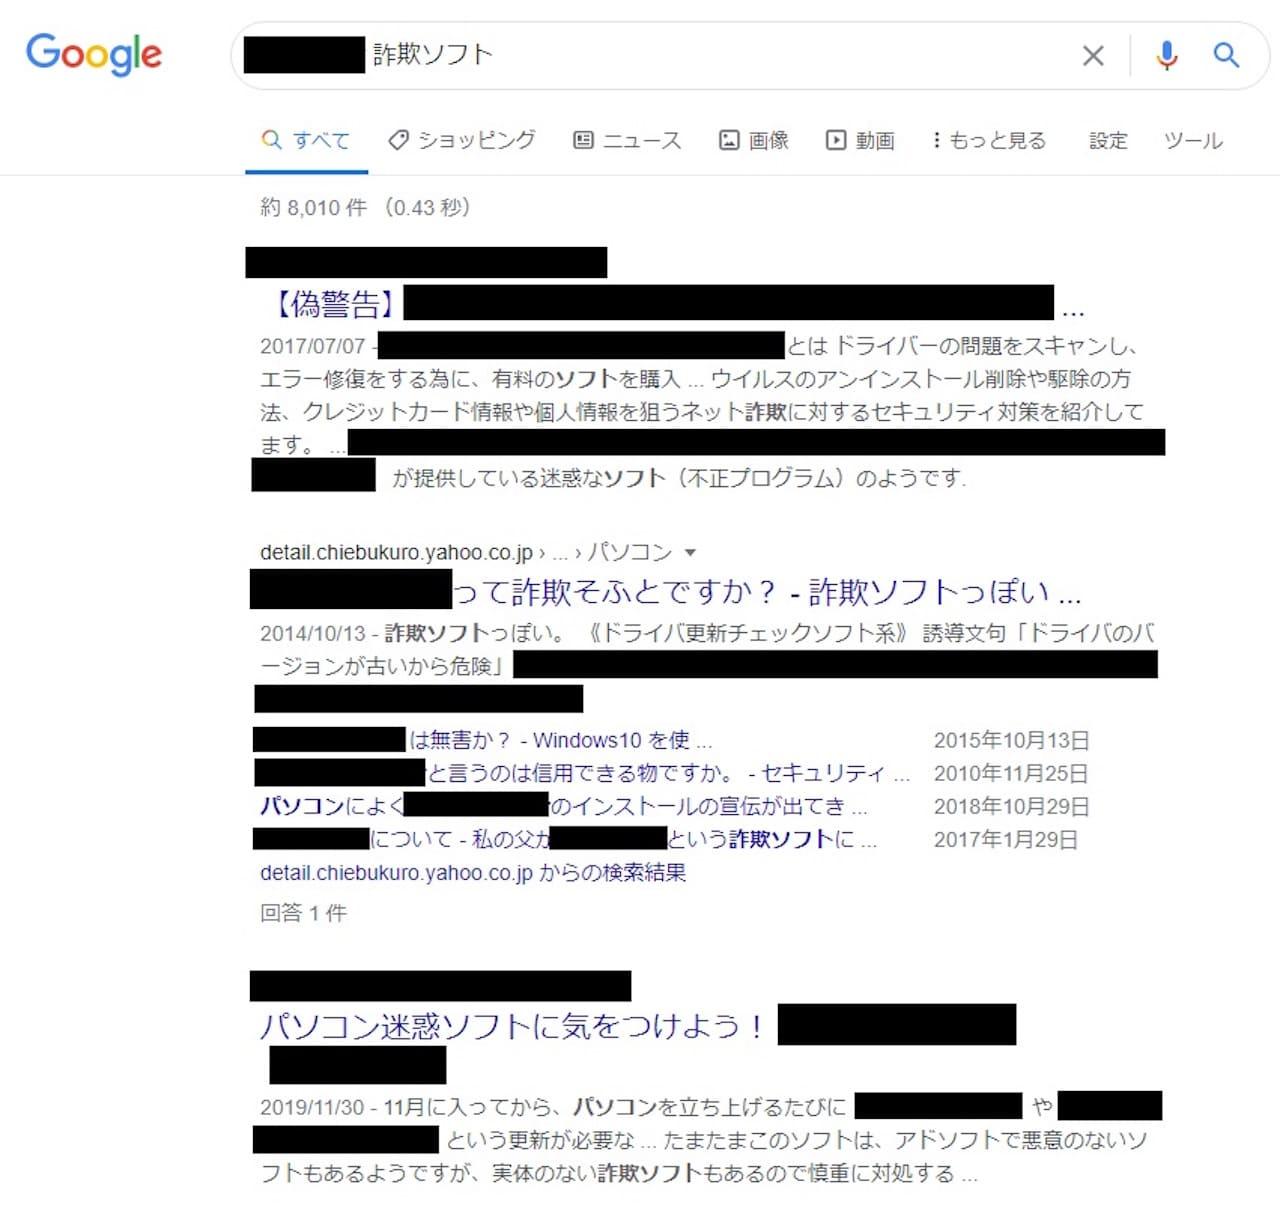 詐欺ソフト名で検索した結果①